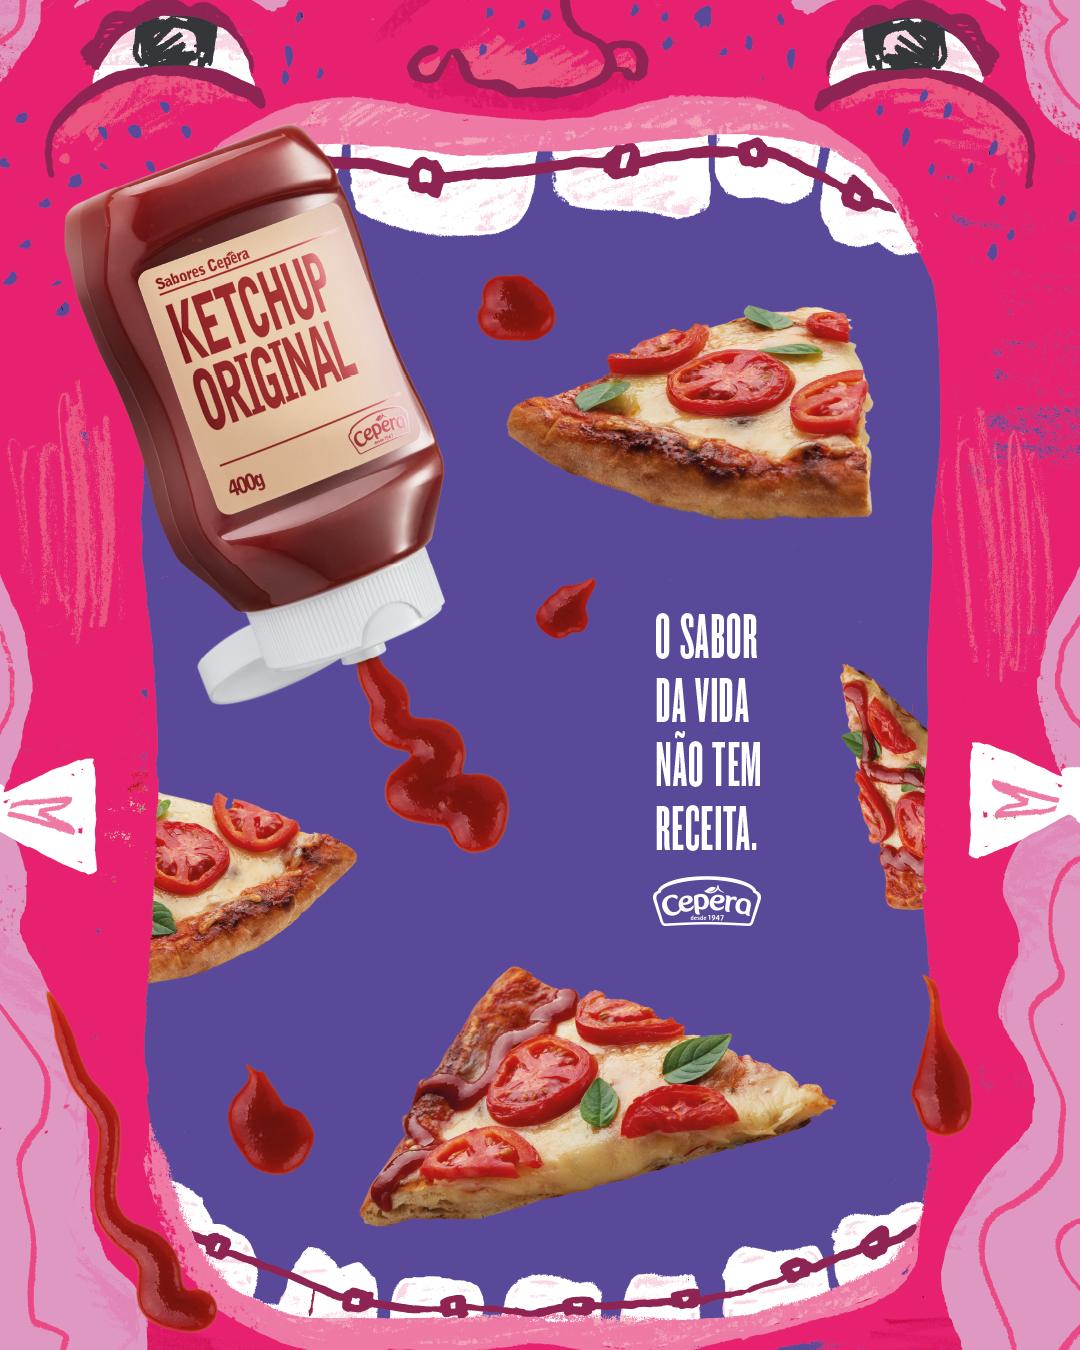 1636-012_cepera _sabores_post_conceito_ketchup_e_pizza_1080x1350px.jpg